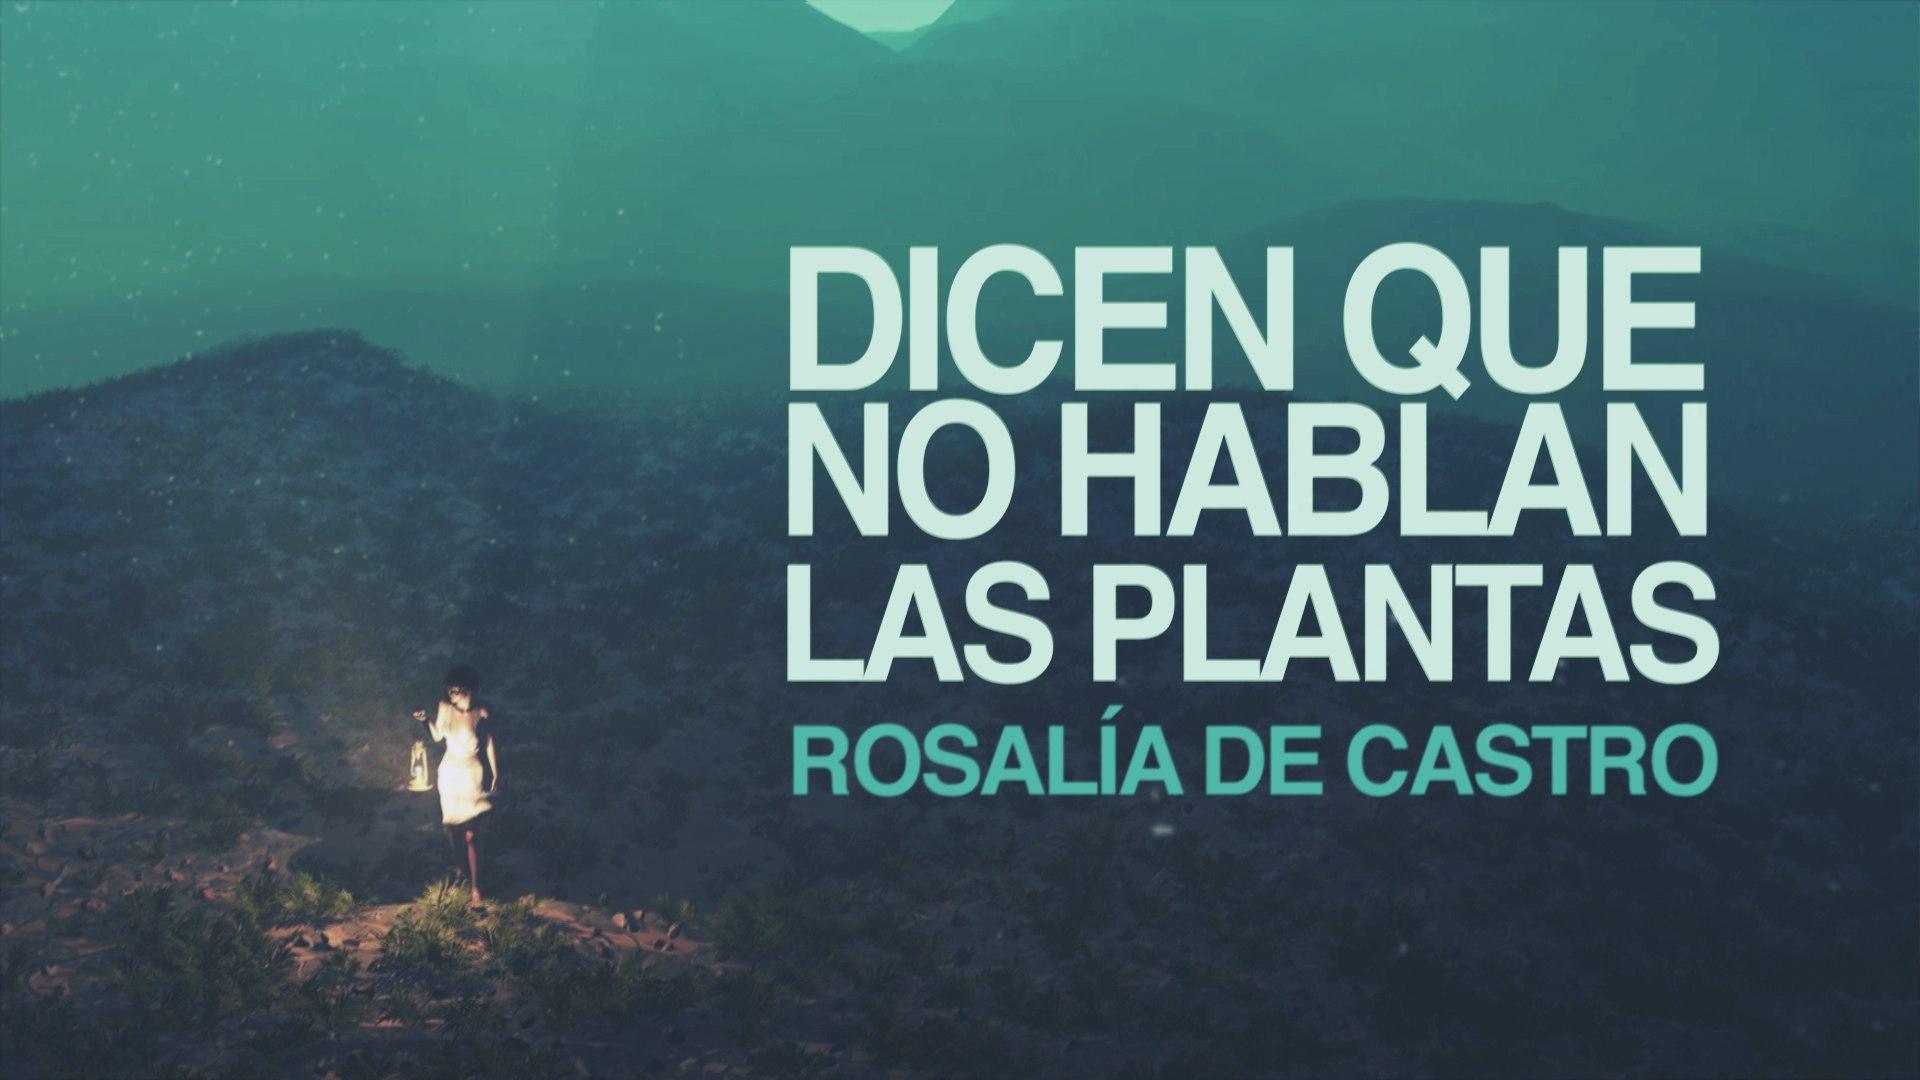 Dicen Que No Hablan Las Plantas Rosalía De Castro